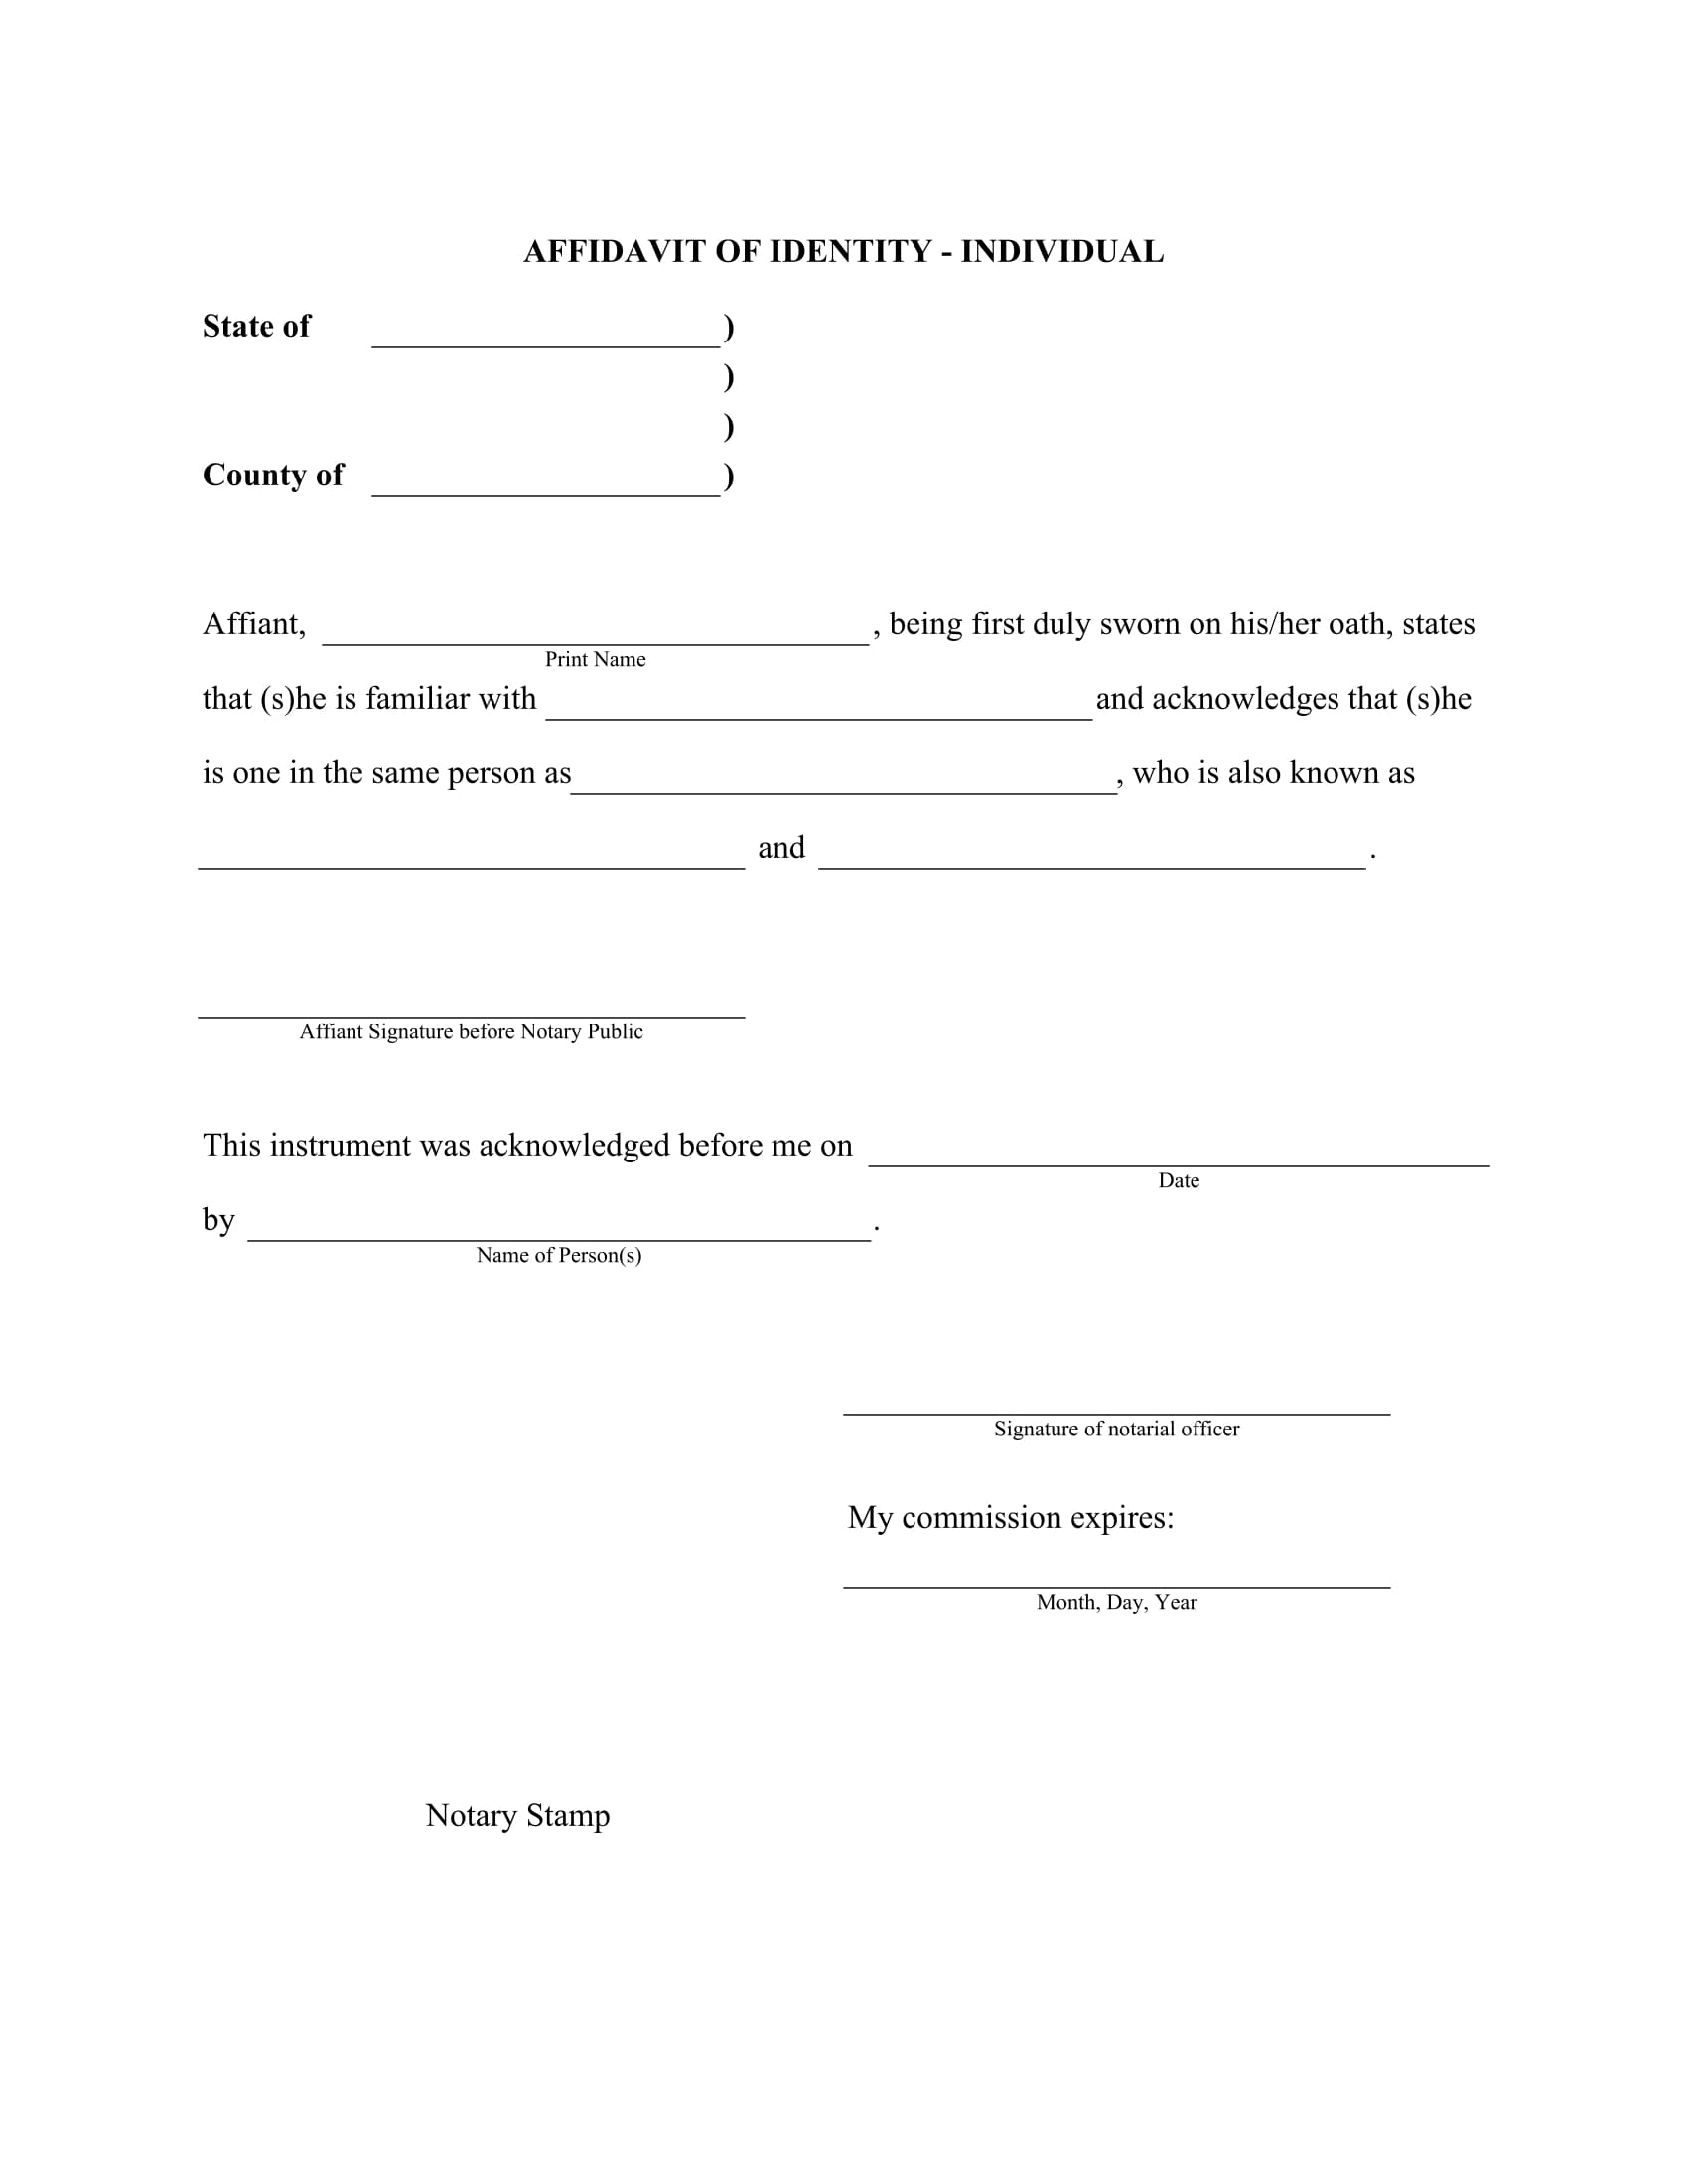 individual affidavit of identity form 1